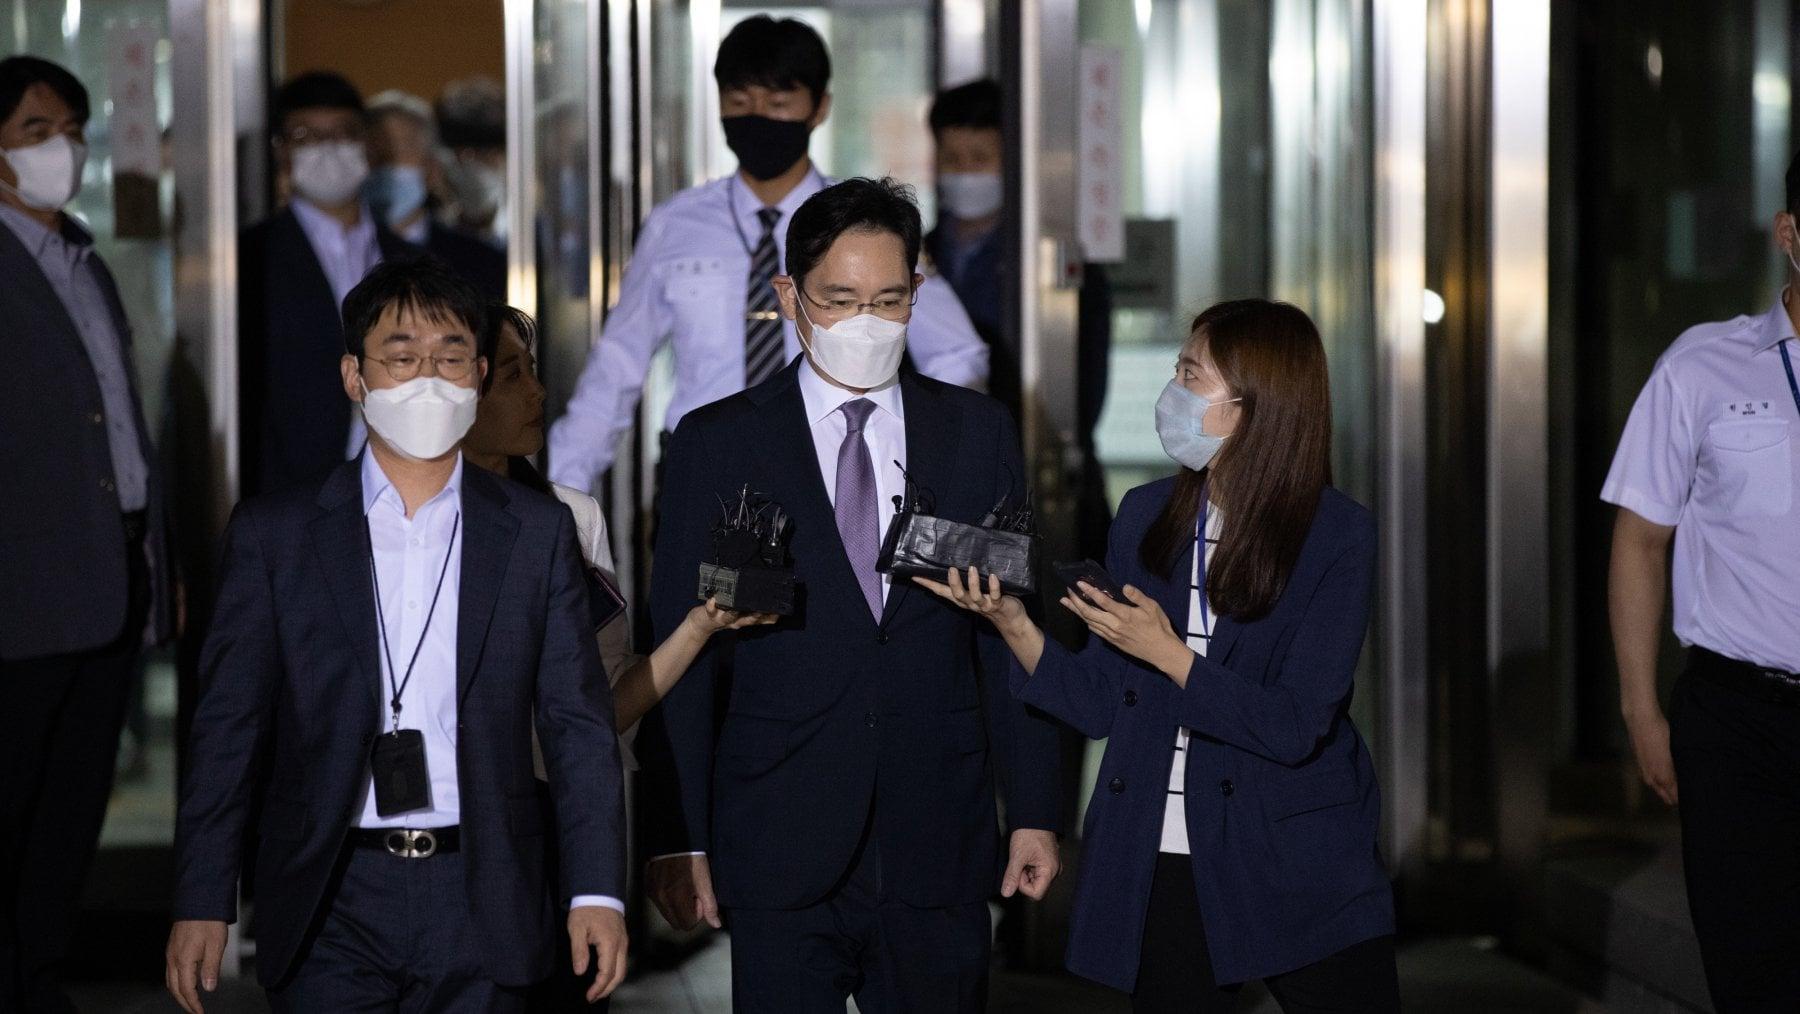 192804106 80162408 a53a 493d bbbb 926d37a594b5 - Corea del Sud, libertà vigilata per l'erede di Samsung. Lee Jae-yong lascia il carcere